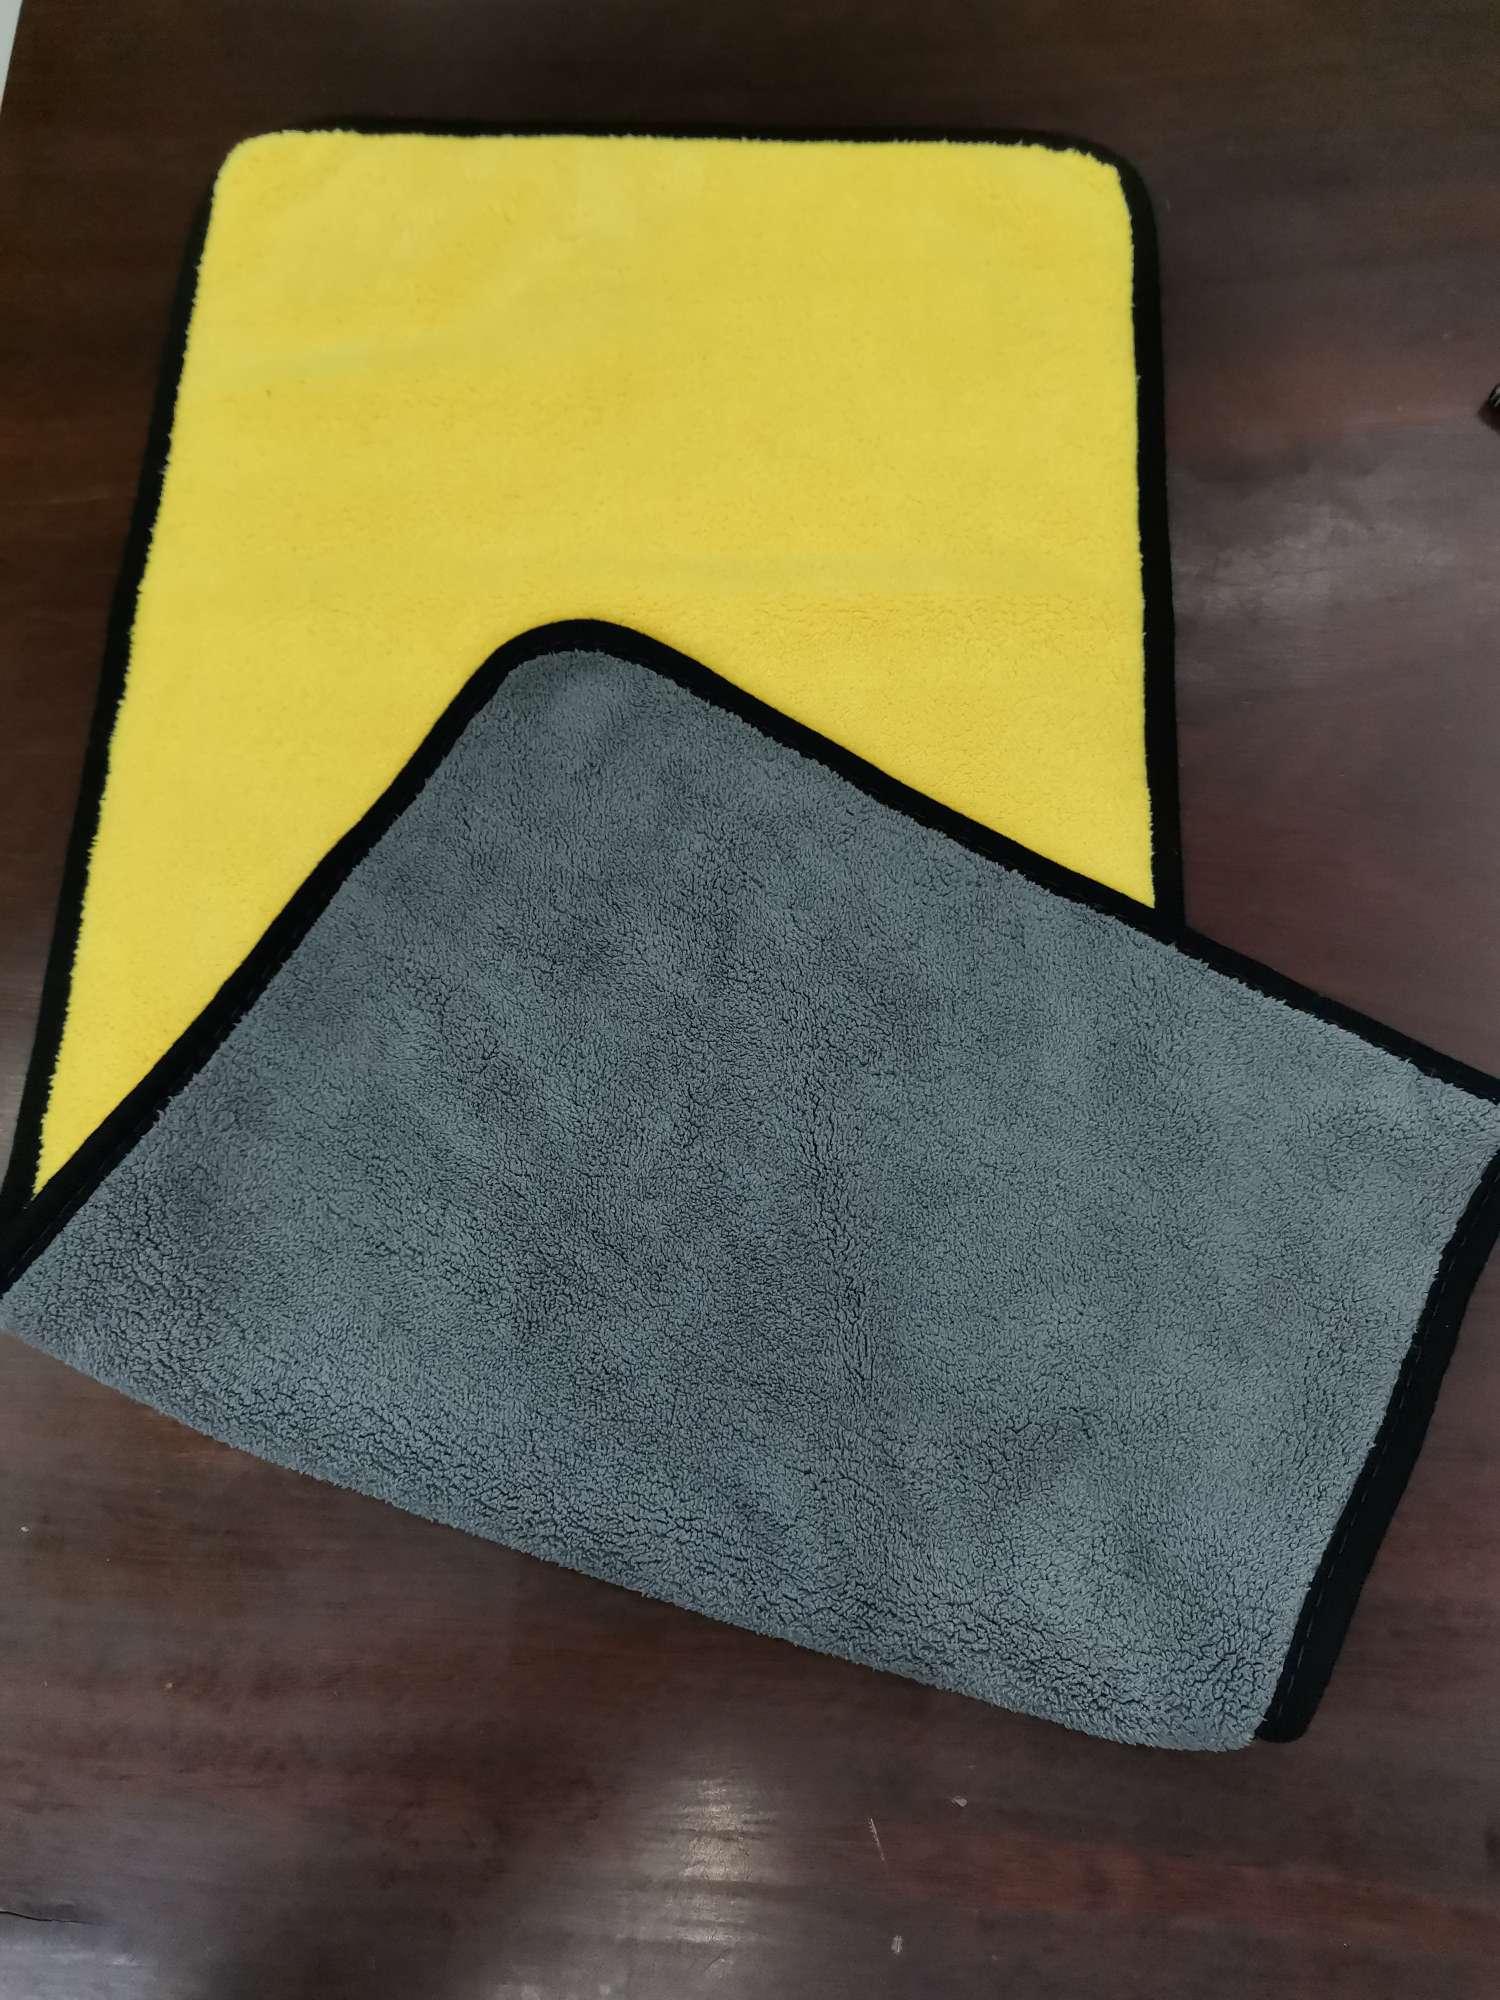 丿LZ-144洁丽竹汽车洗车毛巾擦车布专用巾吸水加厚擦玻璃不留痕大号抹布工具用品60*30挂绳双面双色